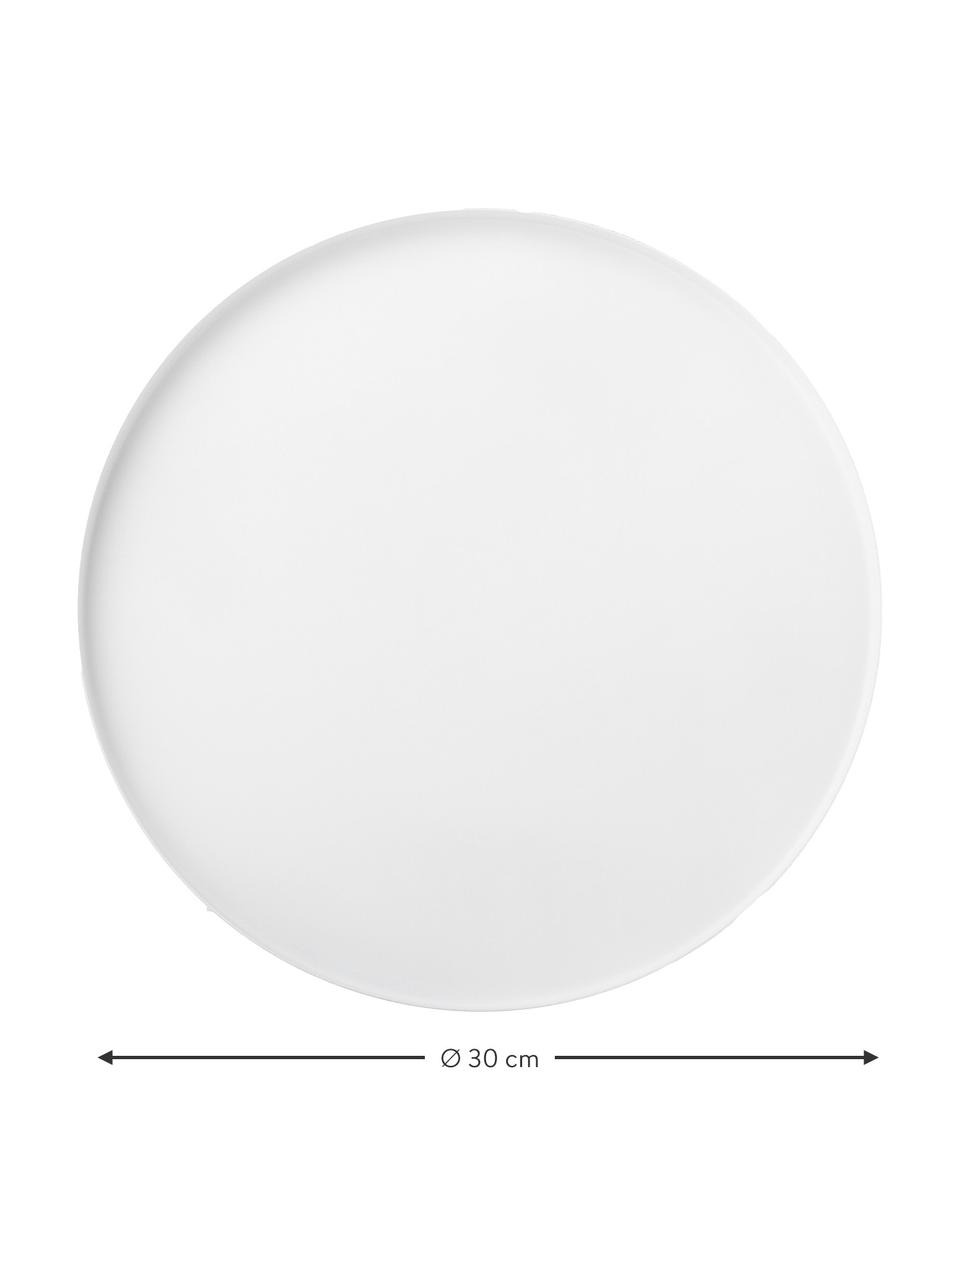 Okrągła taca dekoracyjna Circle, Stal szlachetna  malowana proszkowo, Biały, matowy, Ø 30 x W 2 cm